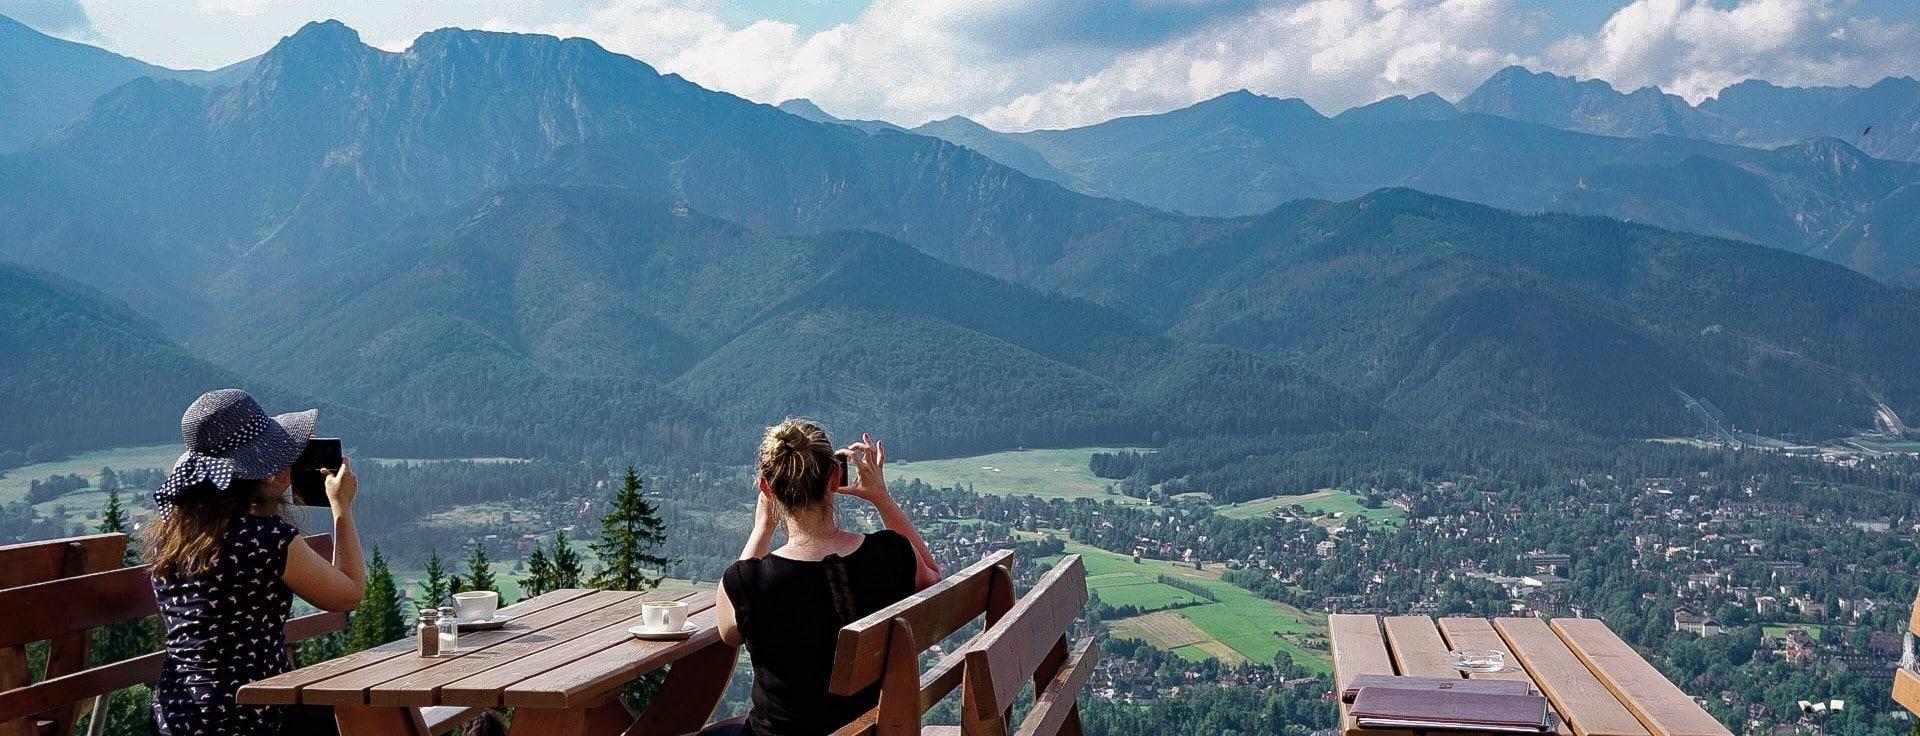 Zakopane tour - tatra mountains